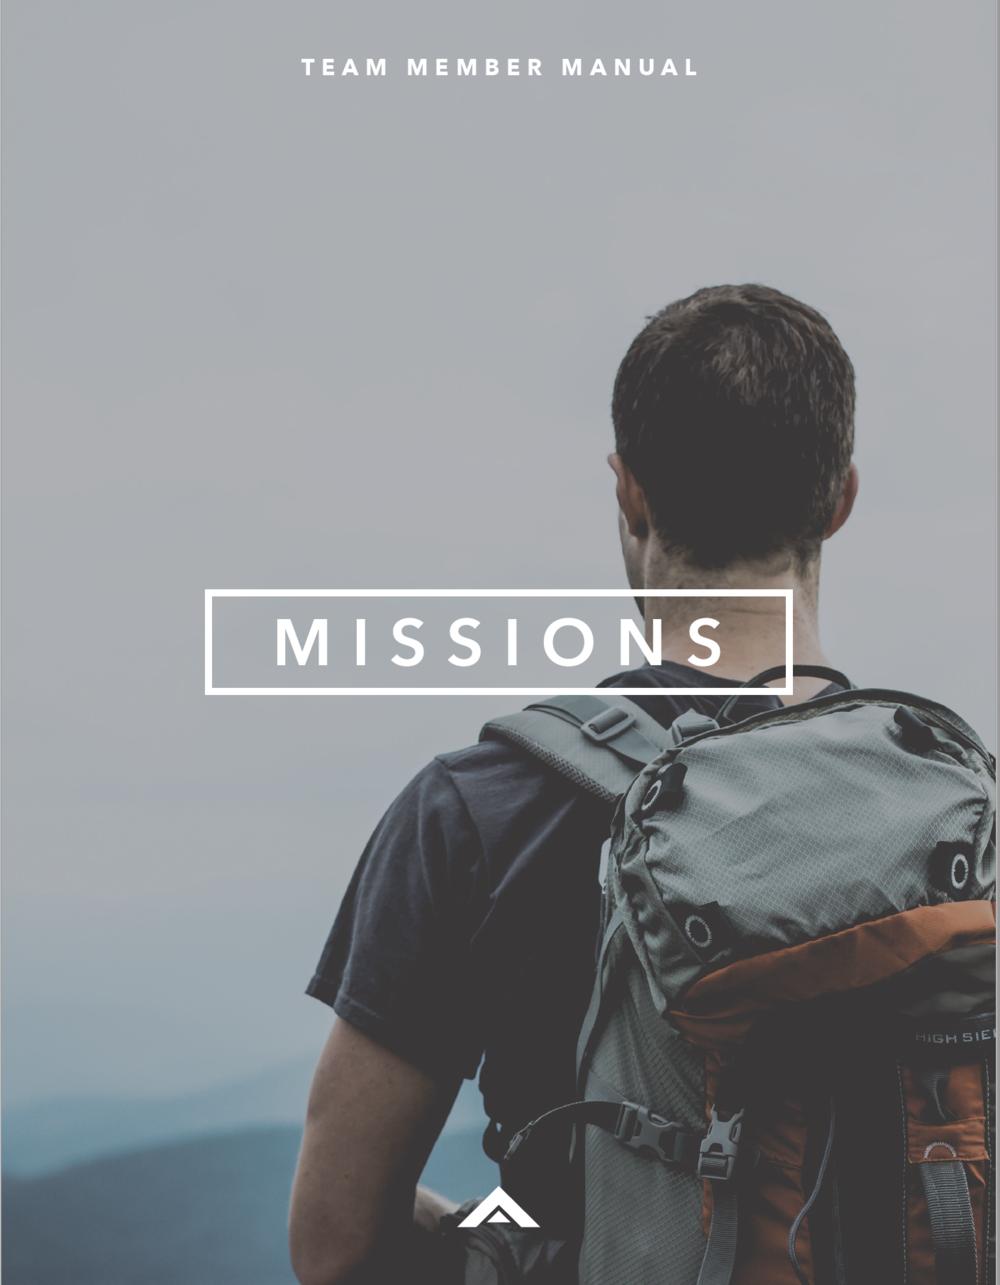 TEAM MEMBER - TEAM MEMBER MISSIONS MANUAL